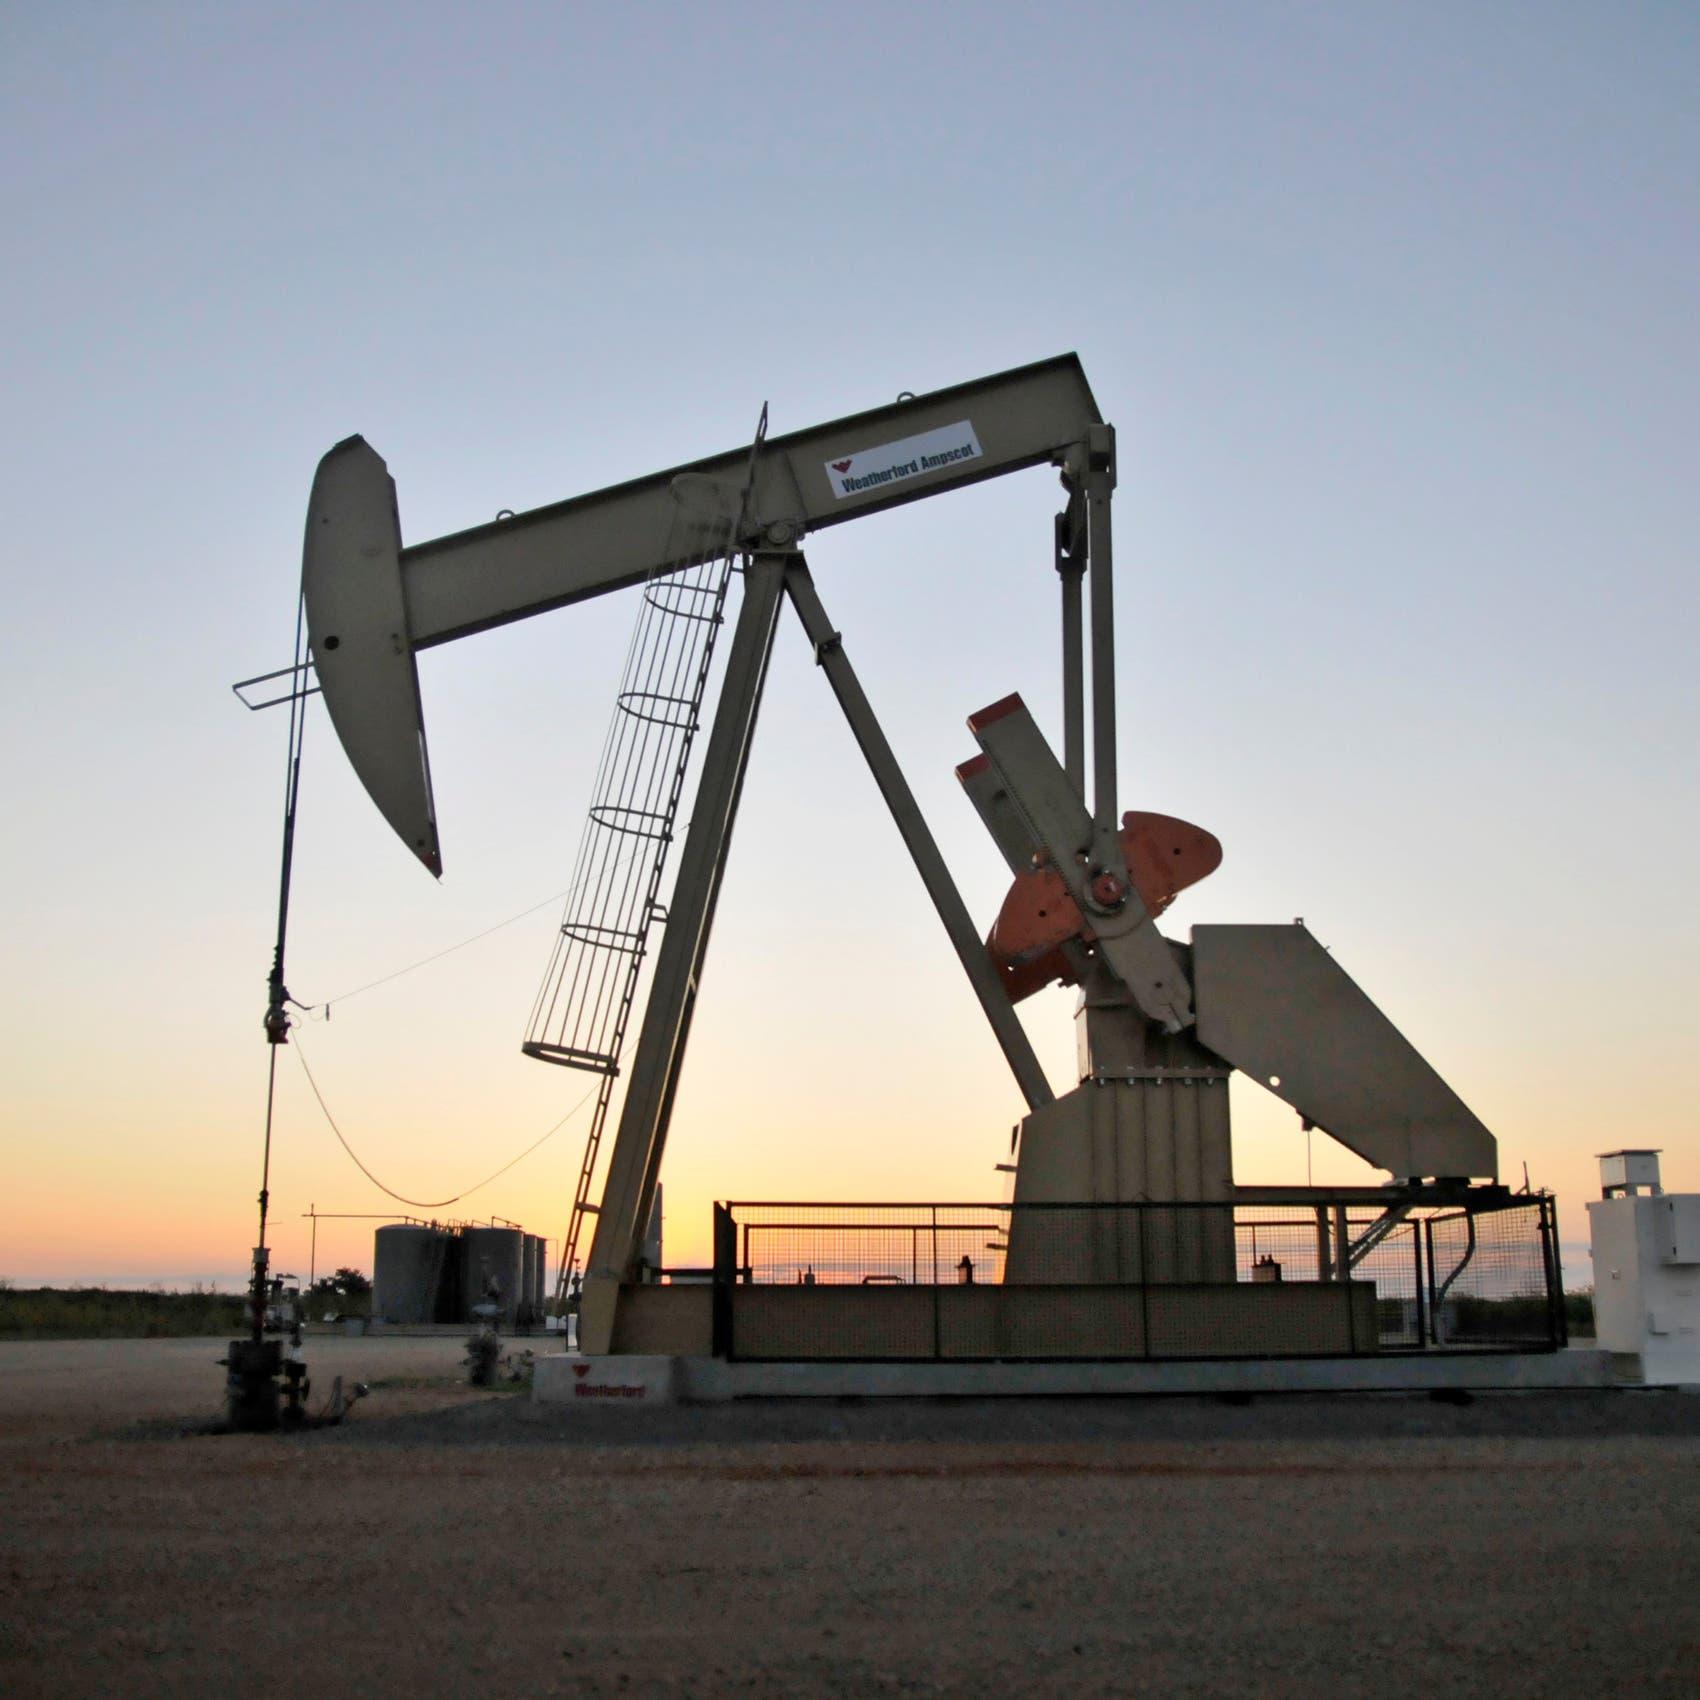 النفط يوقف موجة الصعودمع استمرار الوباء في إعاقة الطلب